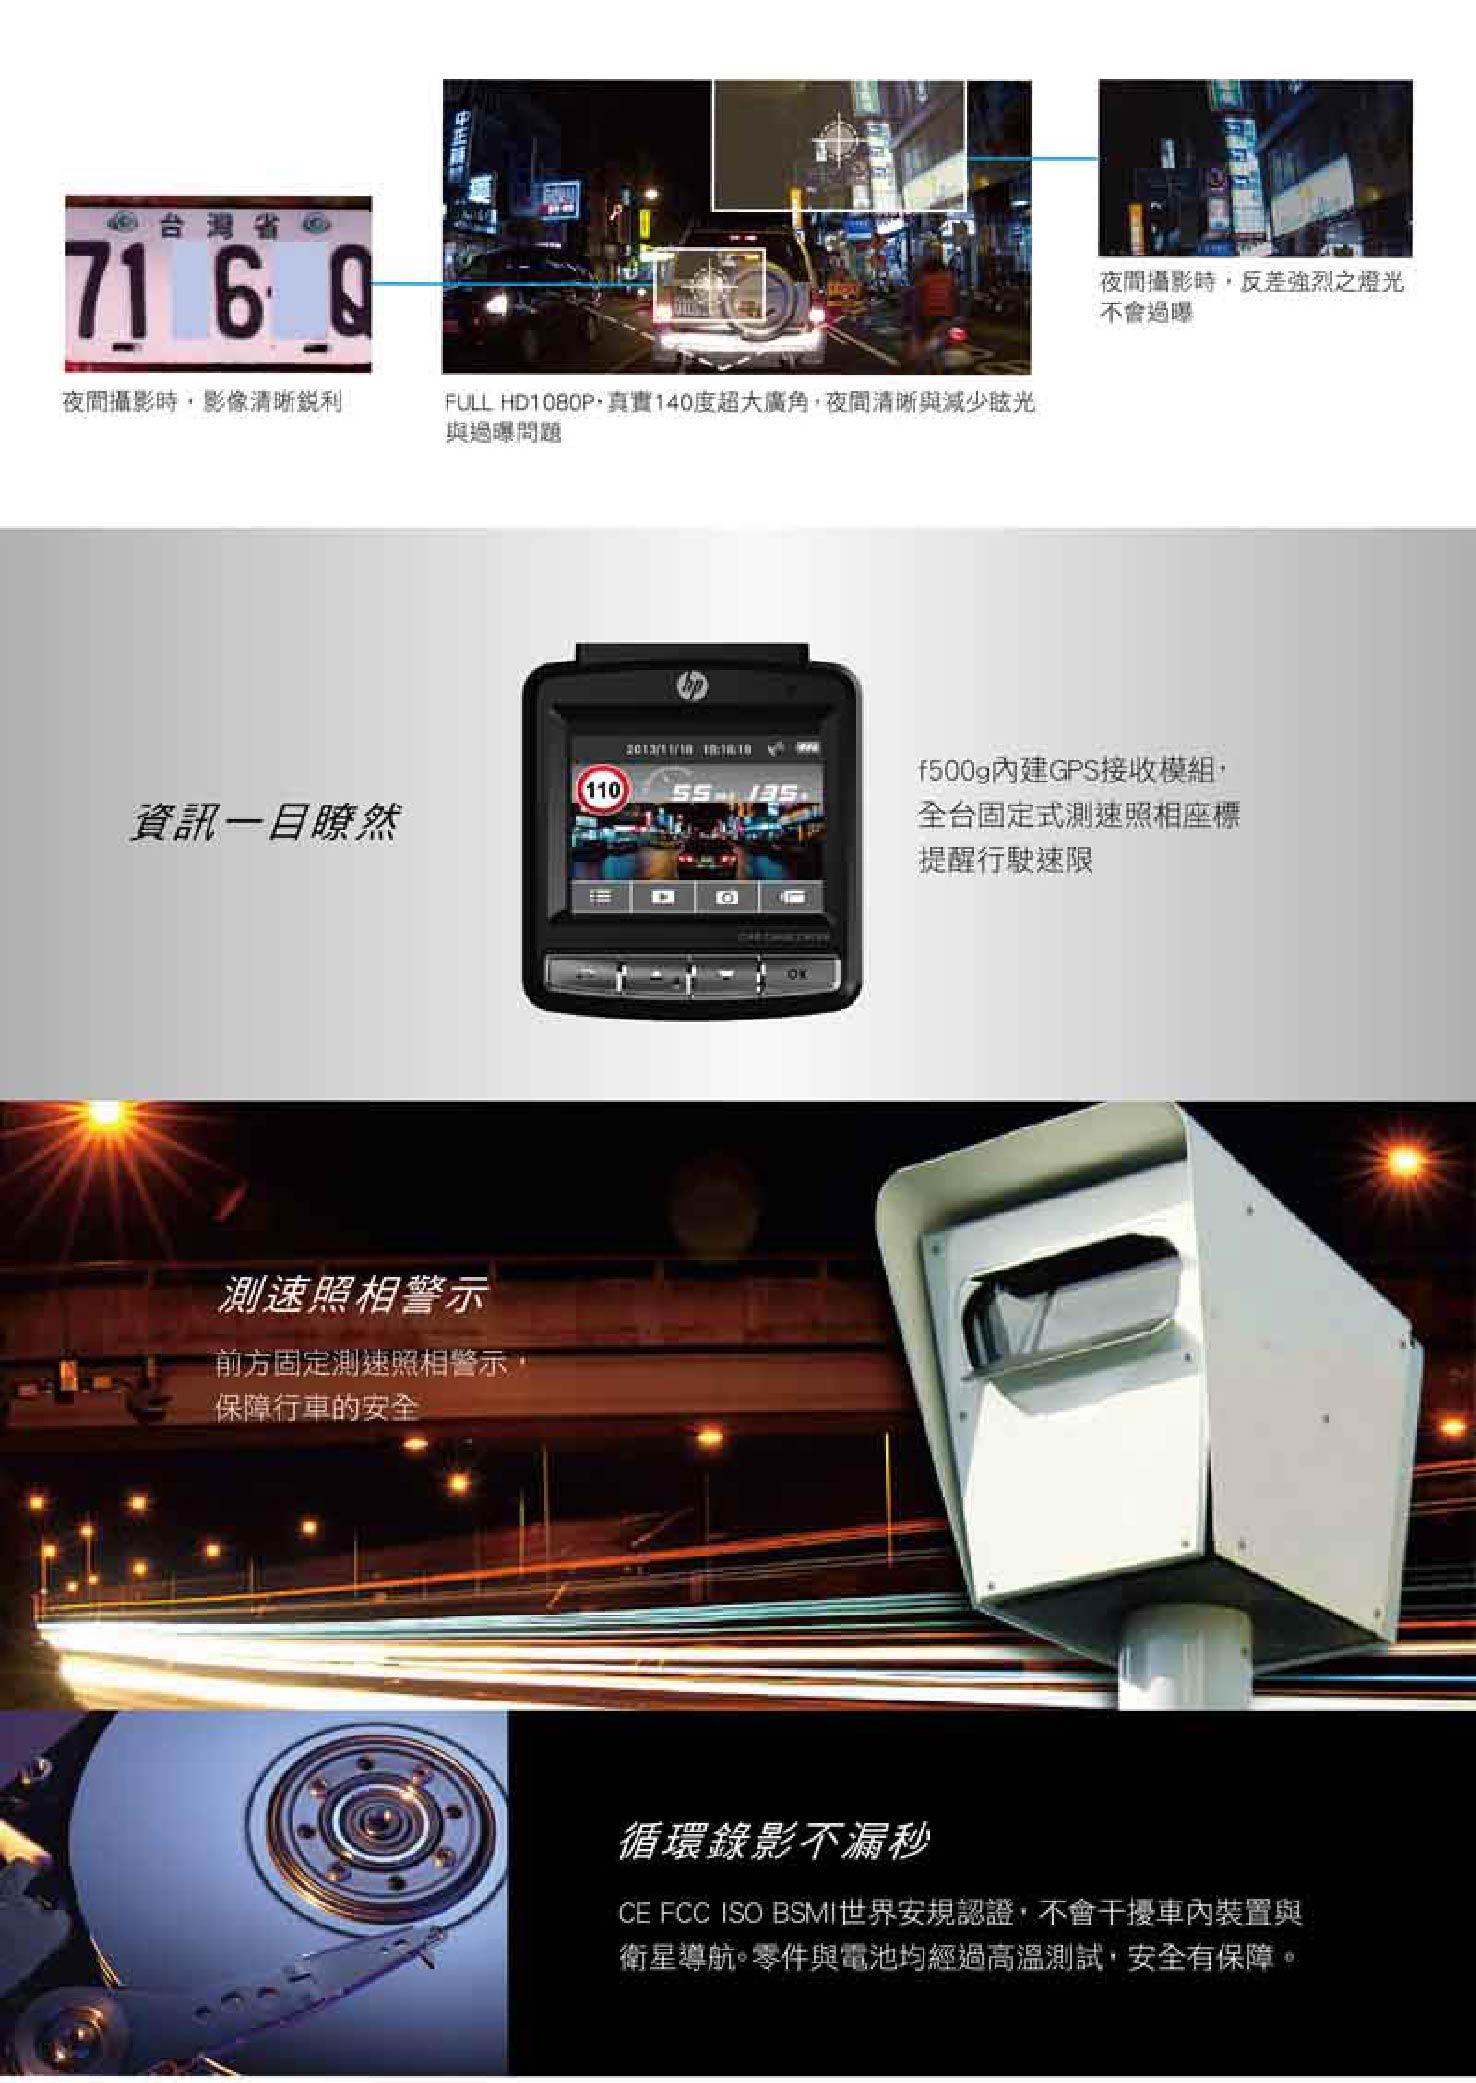 ELK-HP惠普 F500G(測速器版) 1.9大光圈超廣角行車紀錄器 高清畫質1920x1080 穩定度高(保固詳情請參閱商品描述) 4